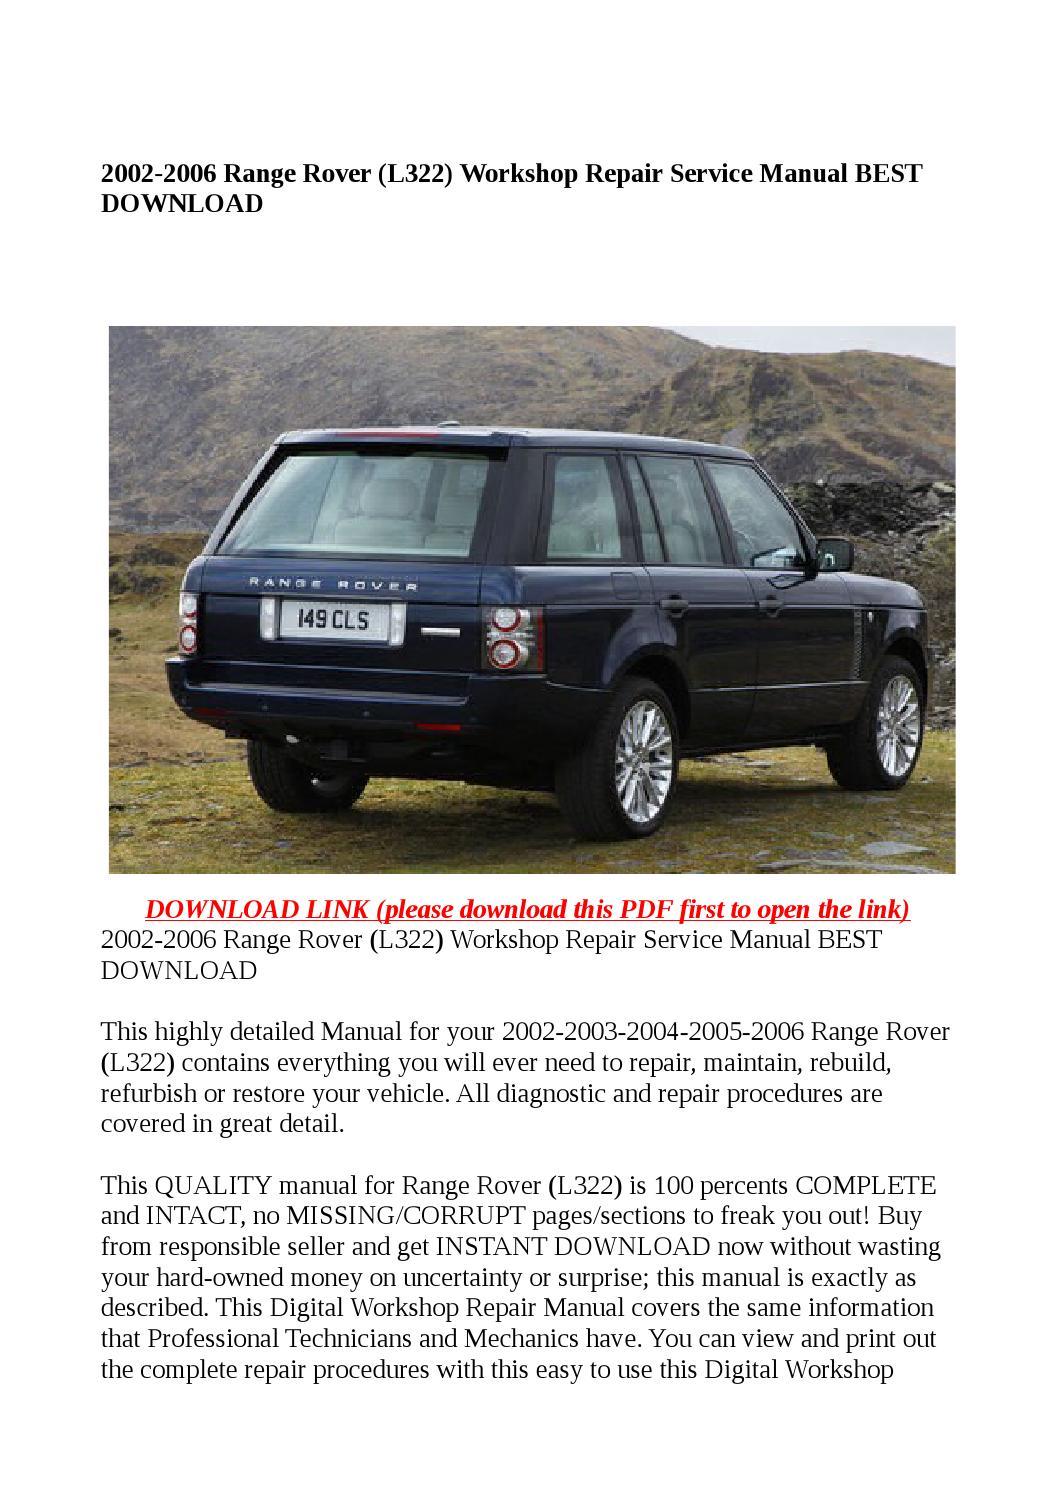 2002 2006 Range Rover L322 Workshop Repair Service Manual Guide